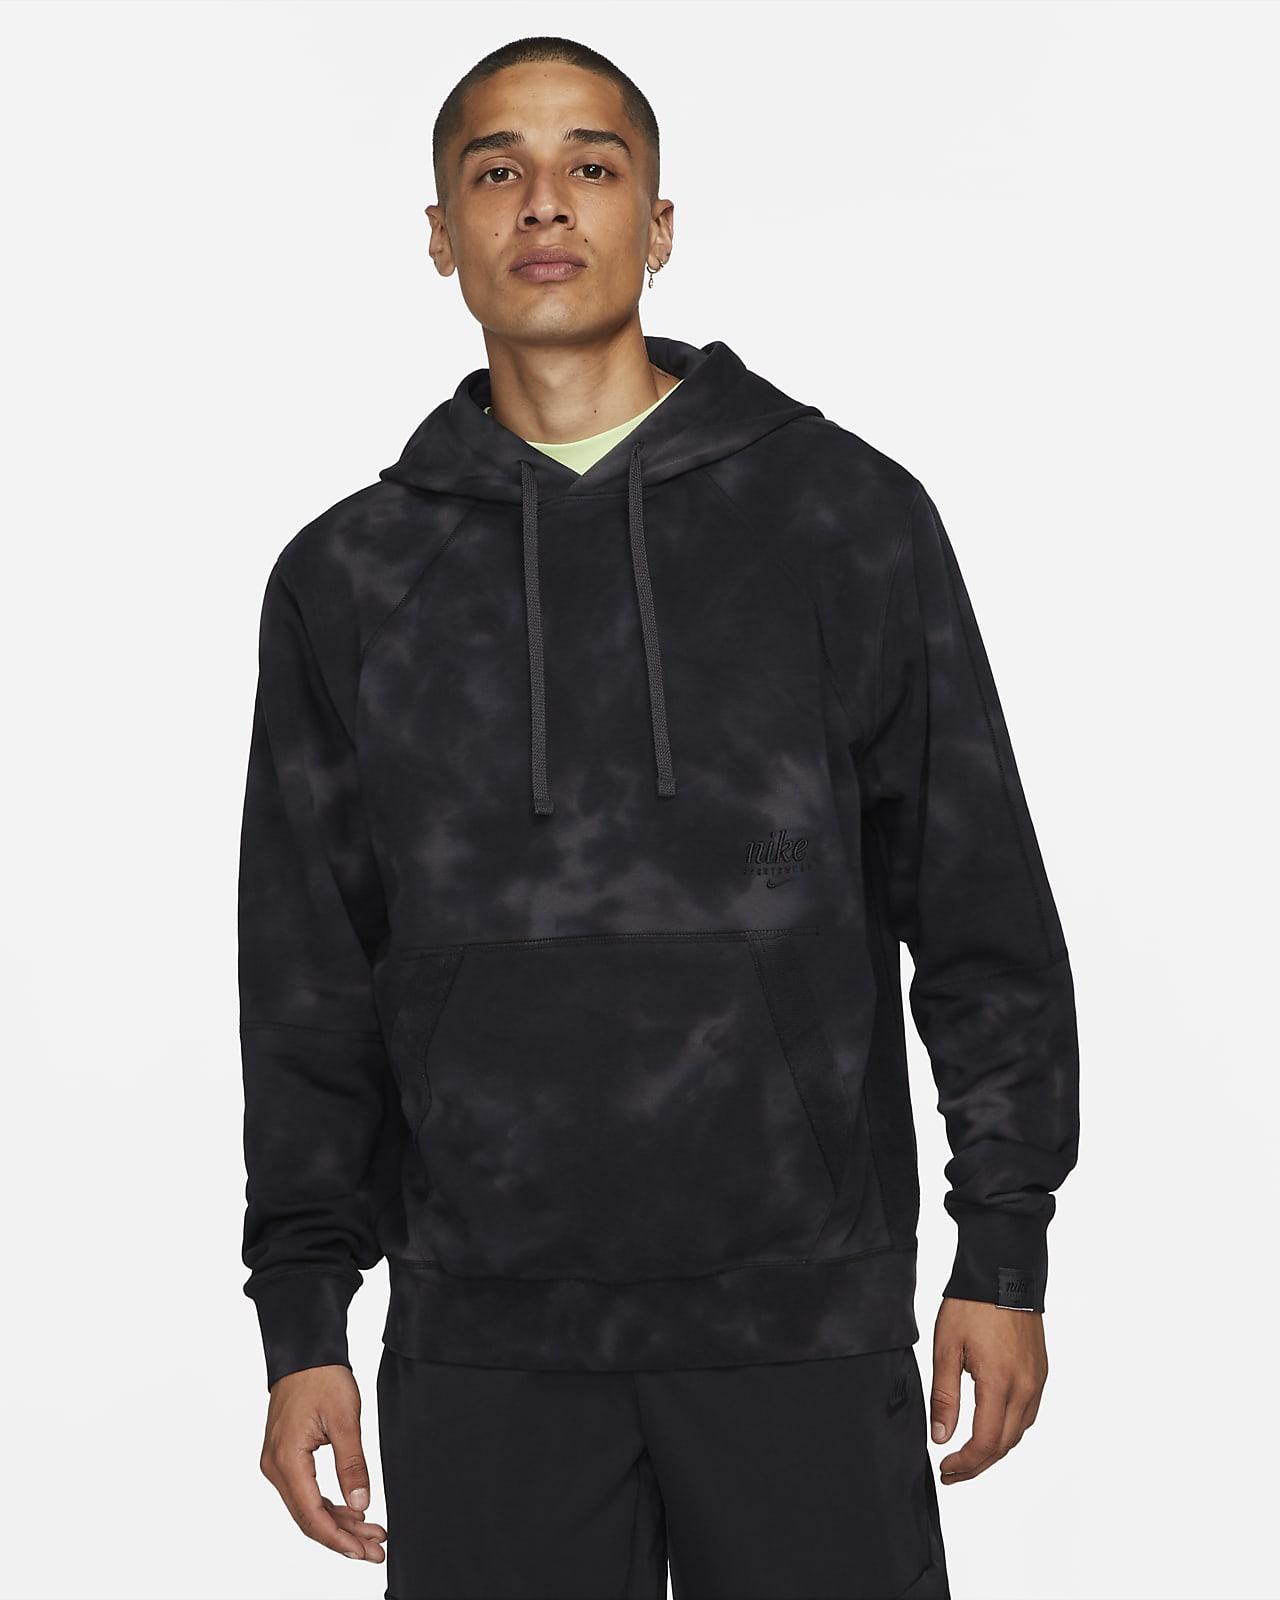 Sudadera con gorro sin cierre de French Terry teñida para hombre Nike Sportswear Club